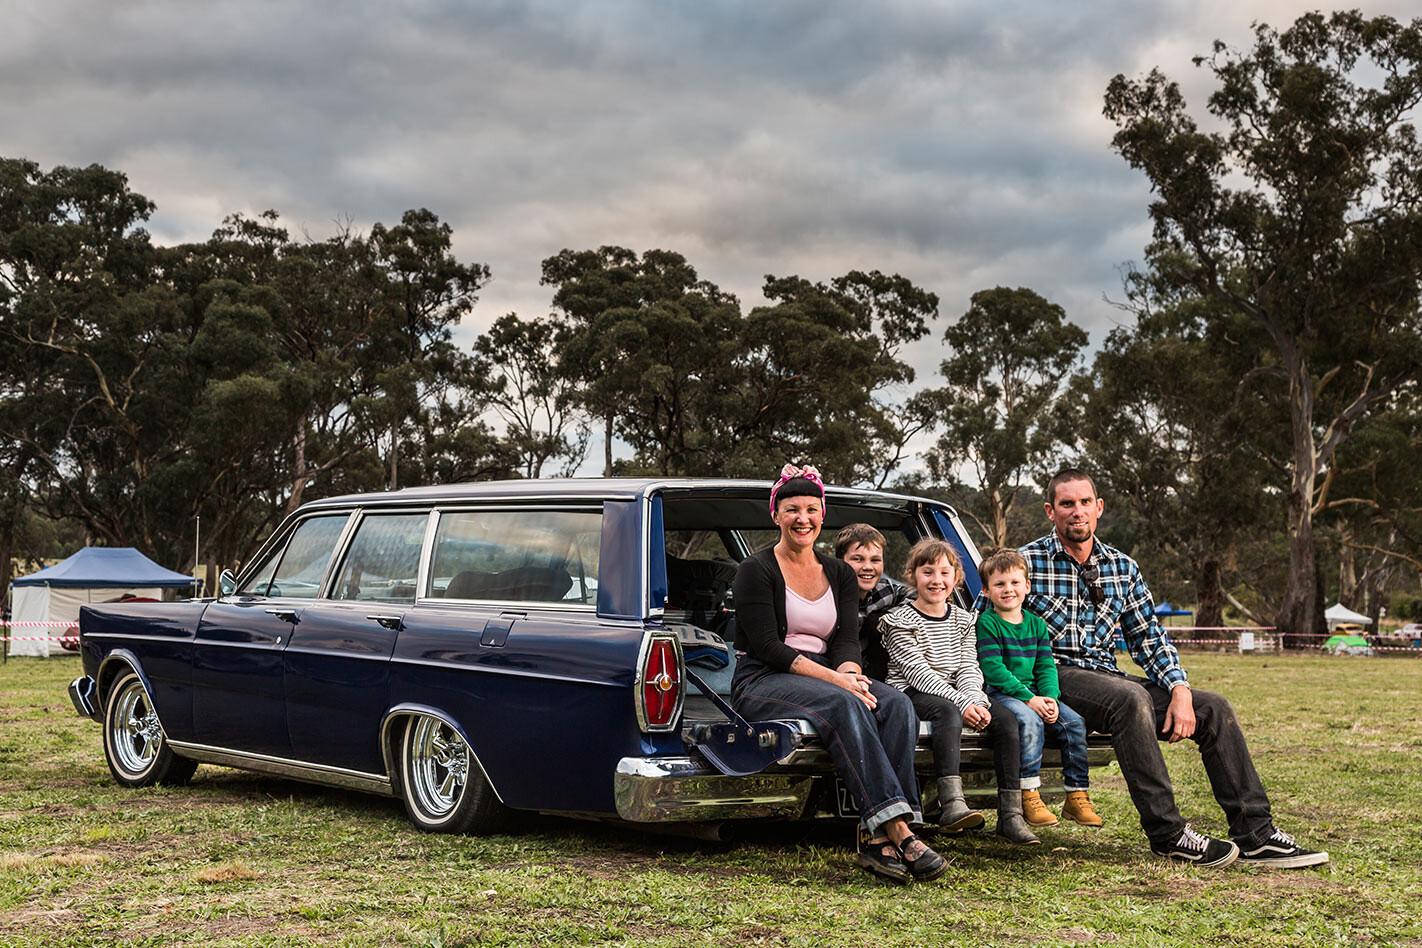 Ford Galaxie wagon